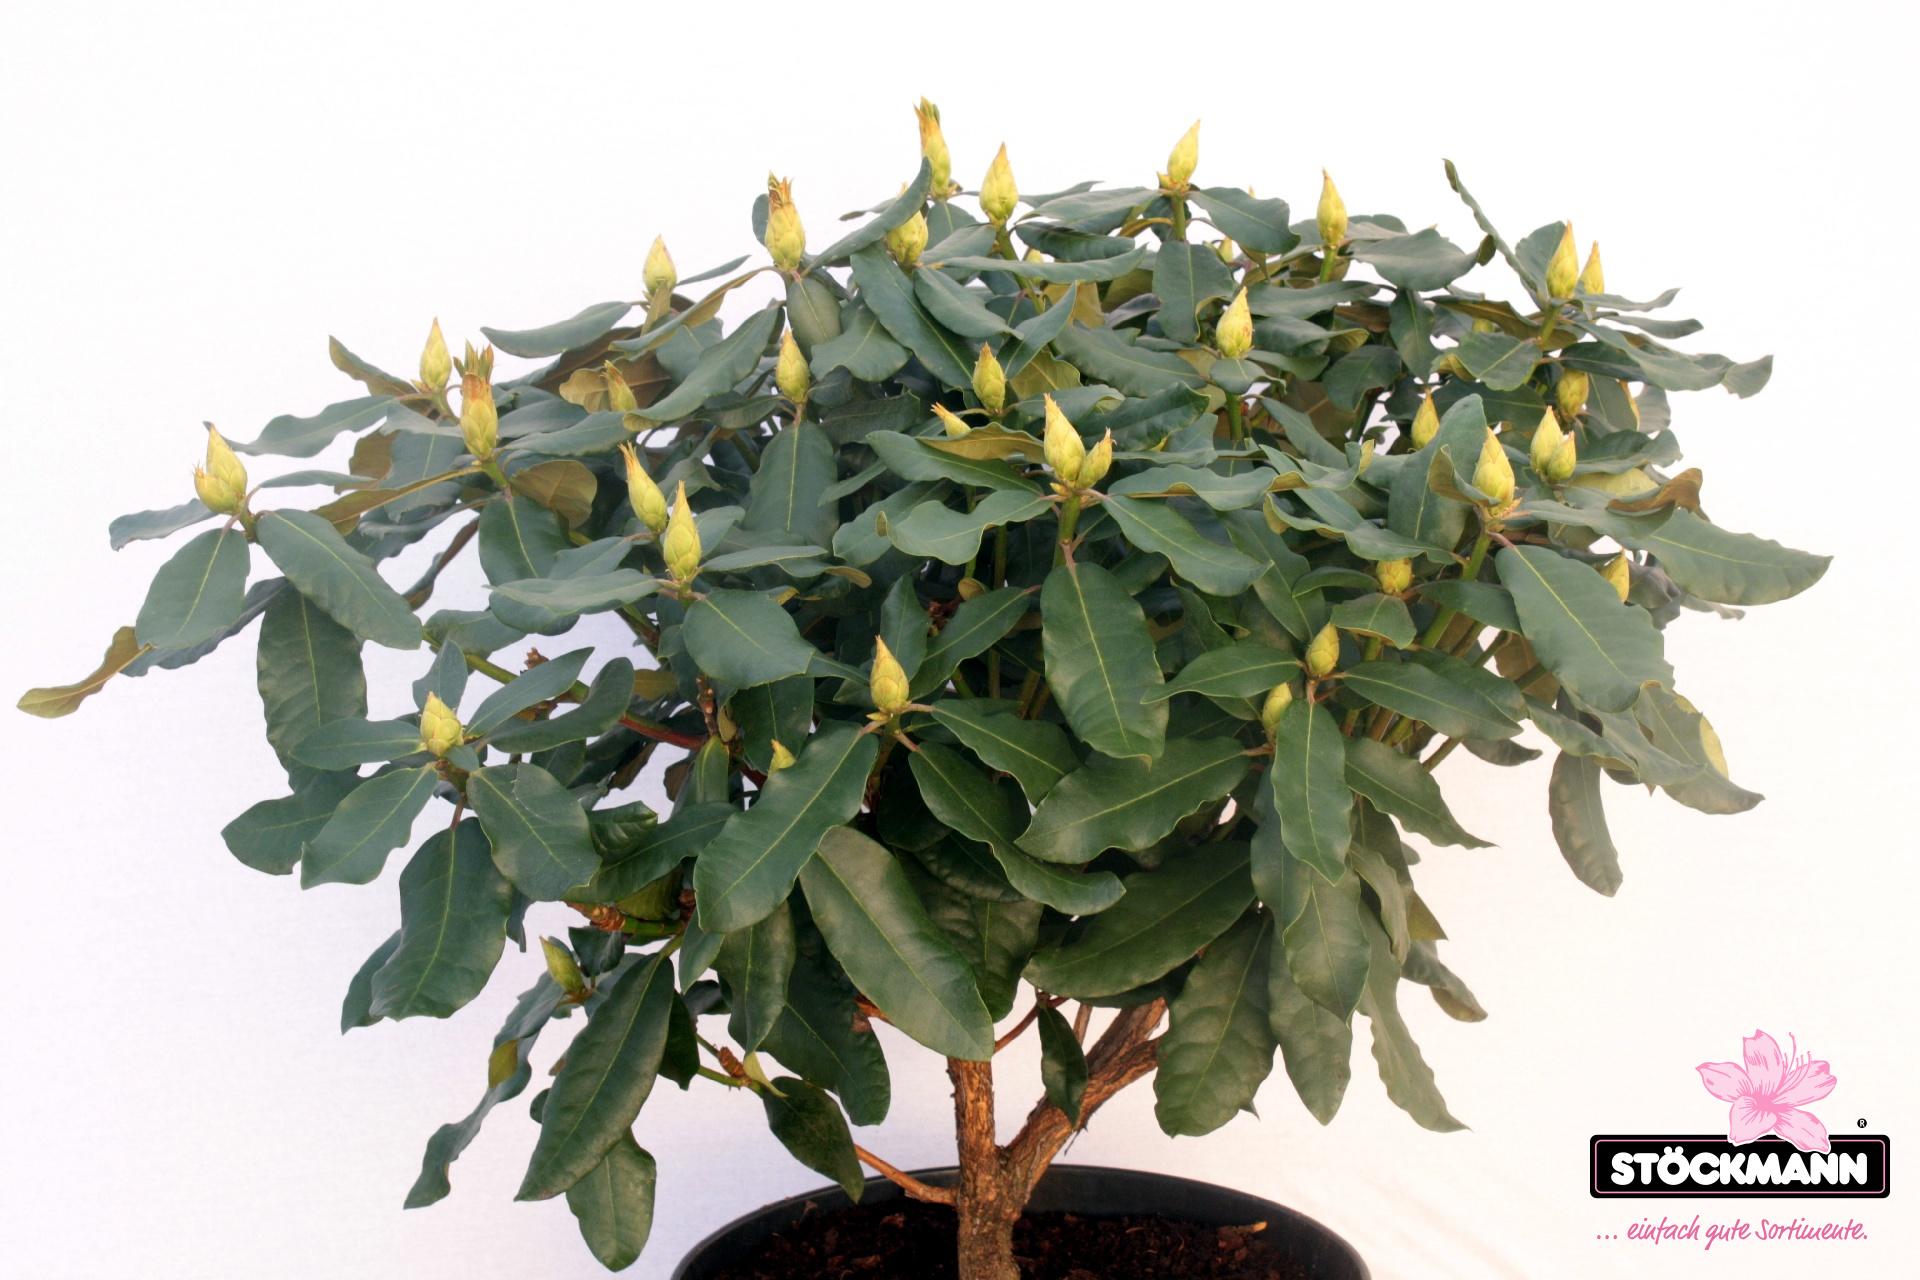 rhododendron 39 hachmann 39 s feuerschein 39 r st ckmann. Black Bedroom Furniture Sets. Home Design Ideas